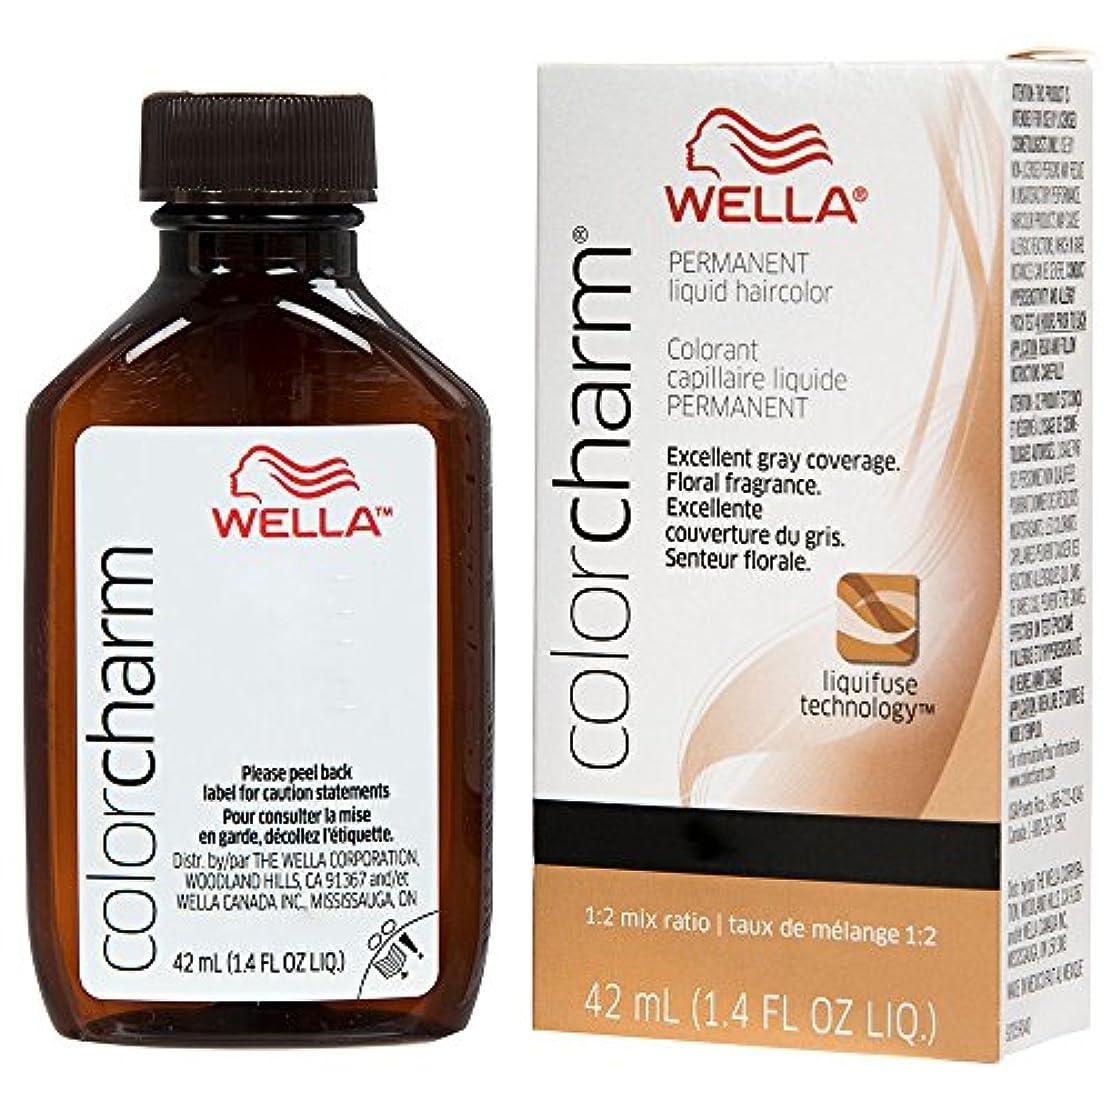 シティ暗記するぺディカブWella - Colorcharm - Permanent Liquid - Medium Blonde 7N /711-1.4 OZ / 42 mL